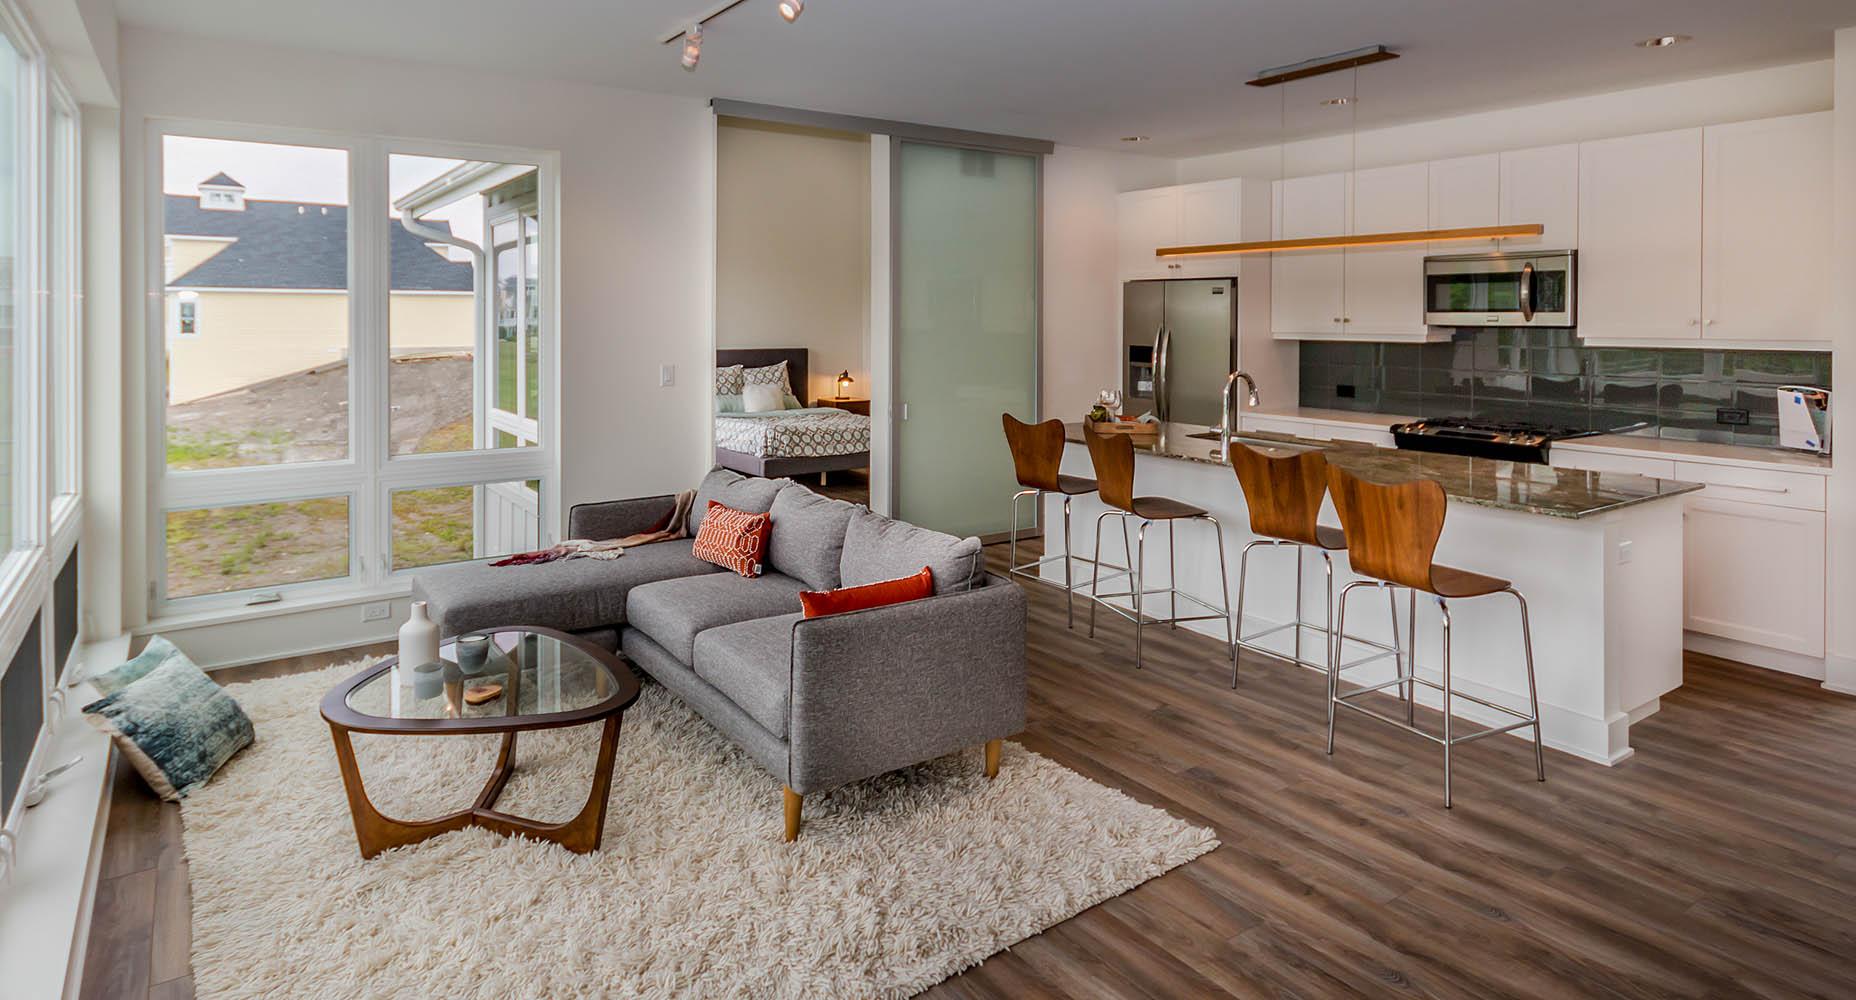 Kitchen/Living, Master Bedroom beyond